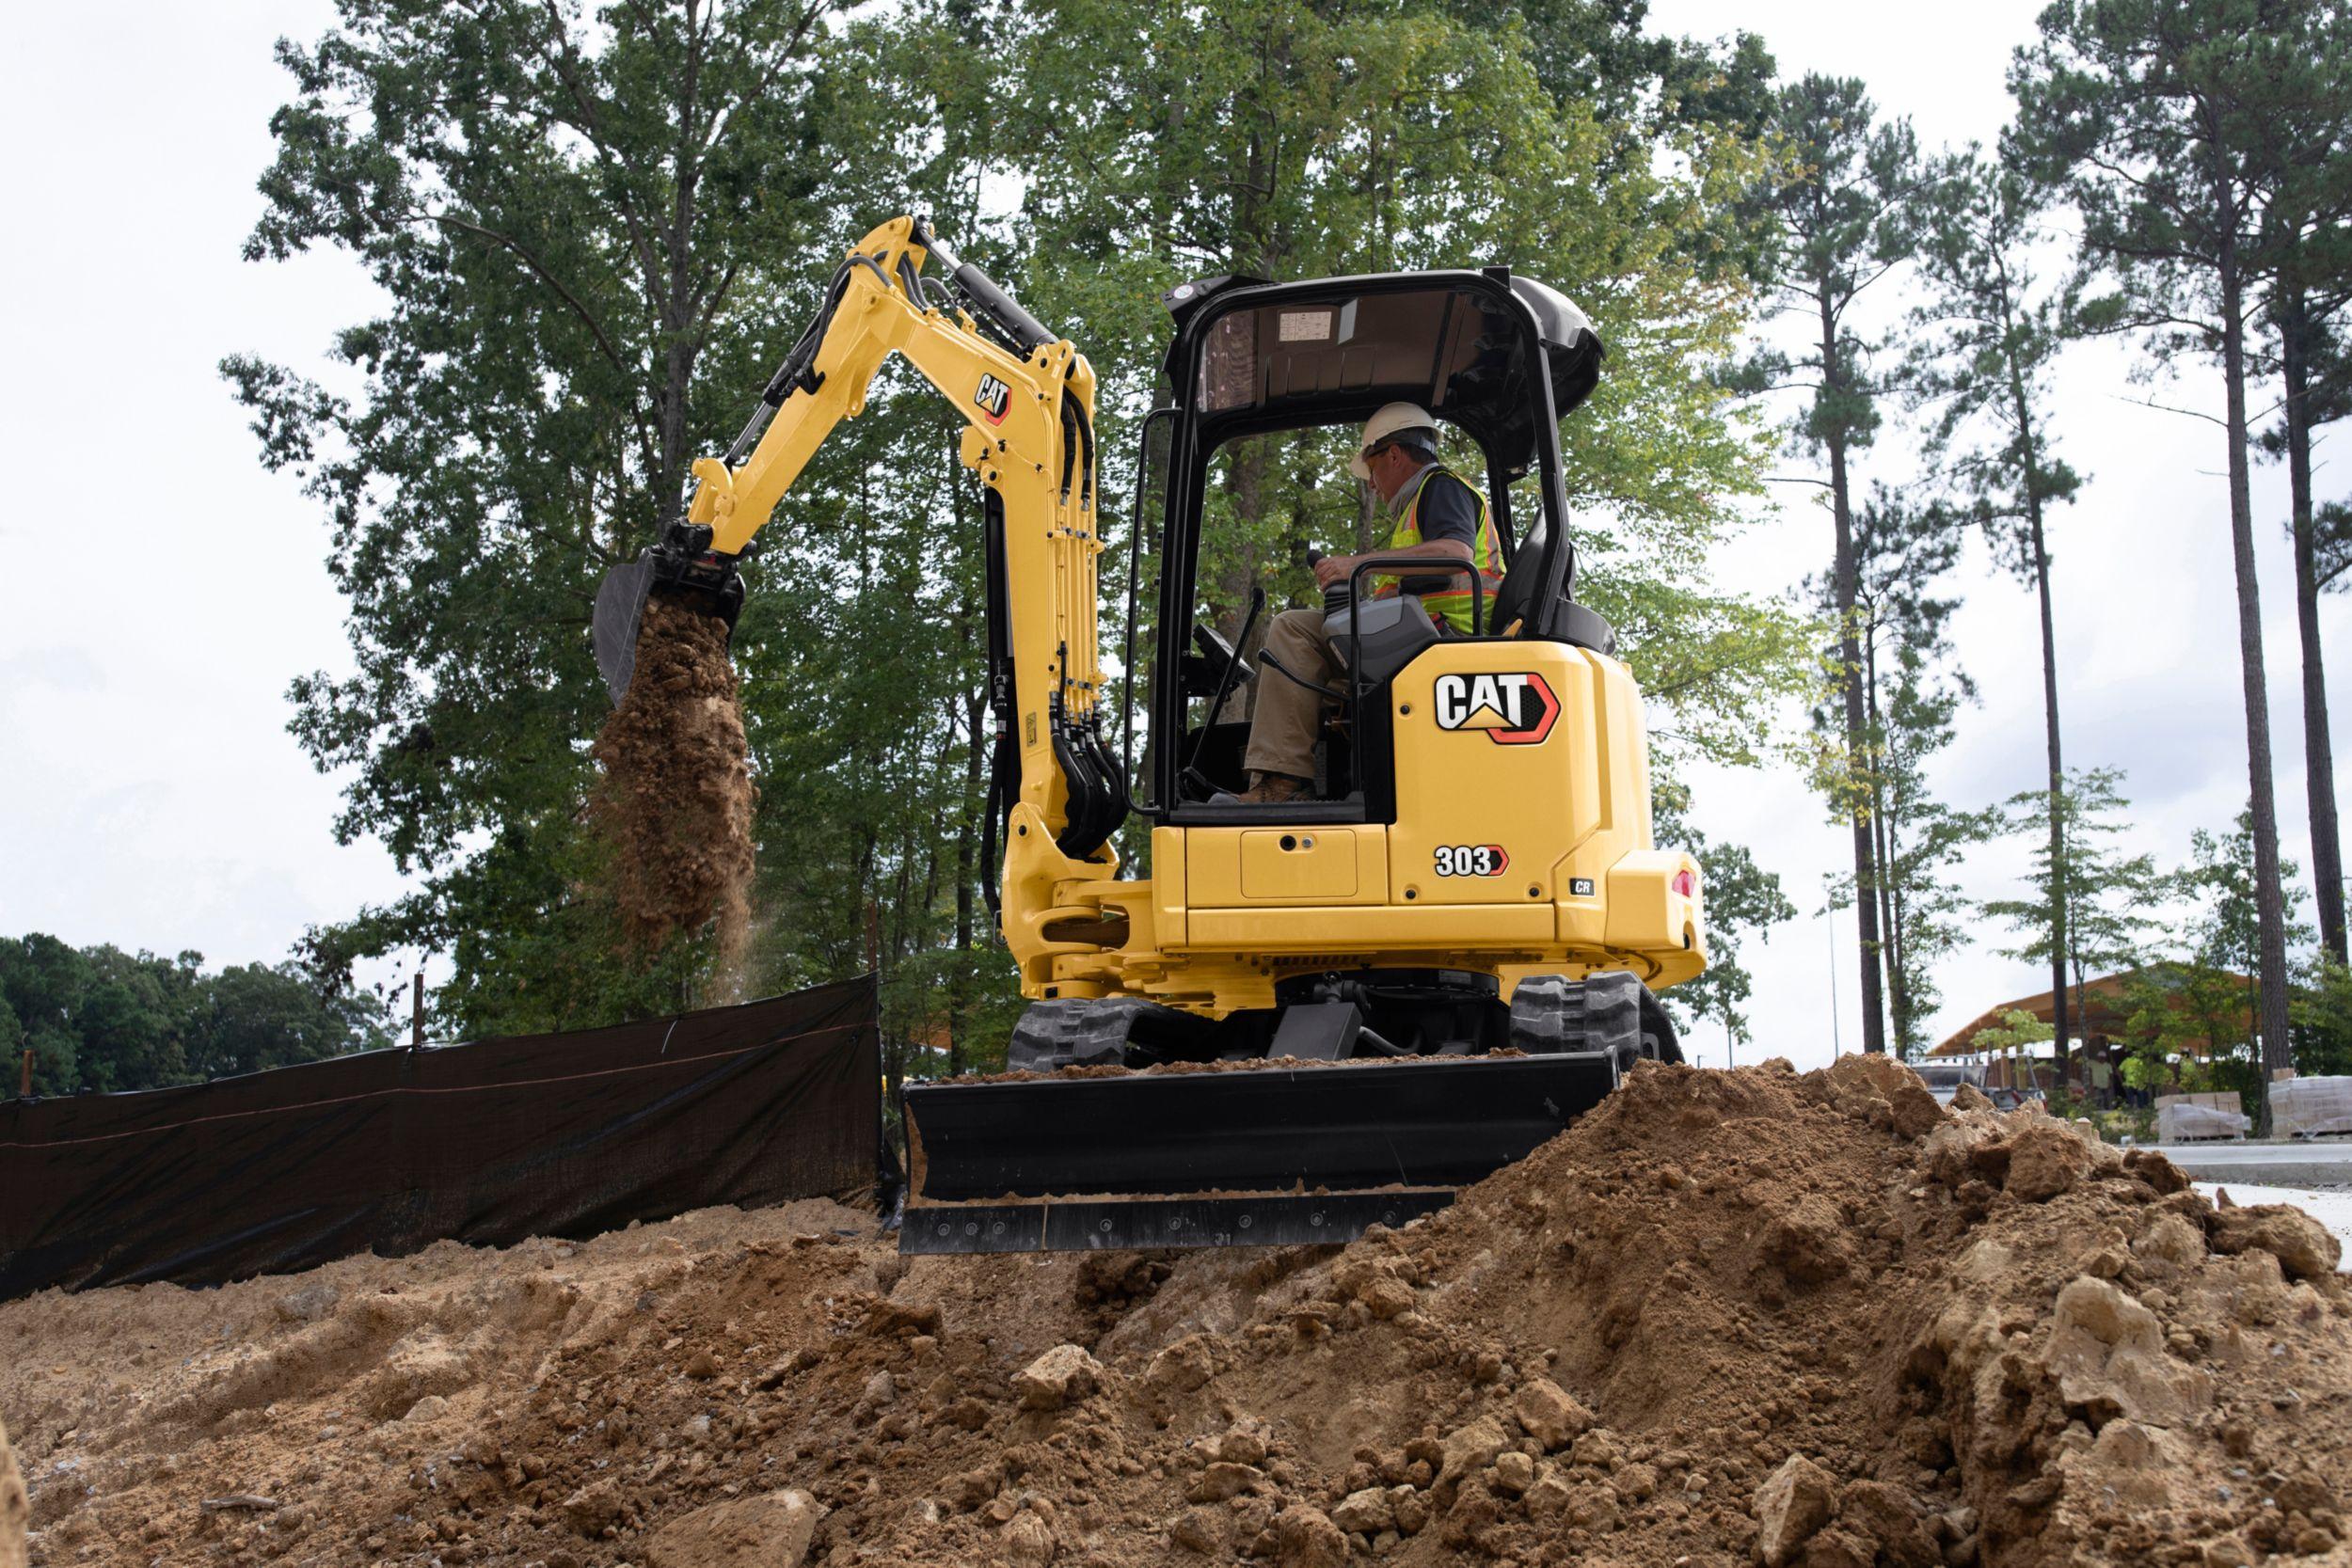 303 CR Mini Excavator